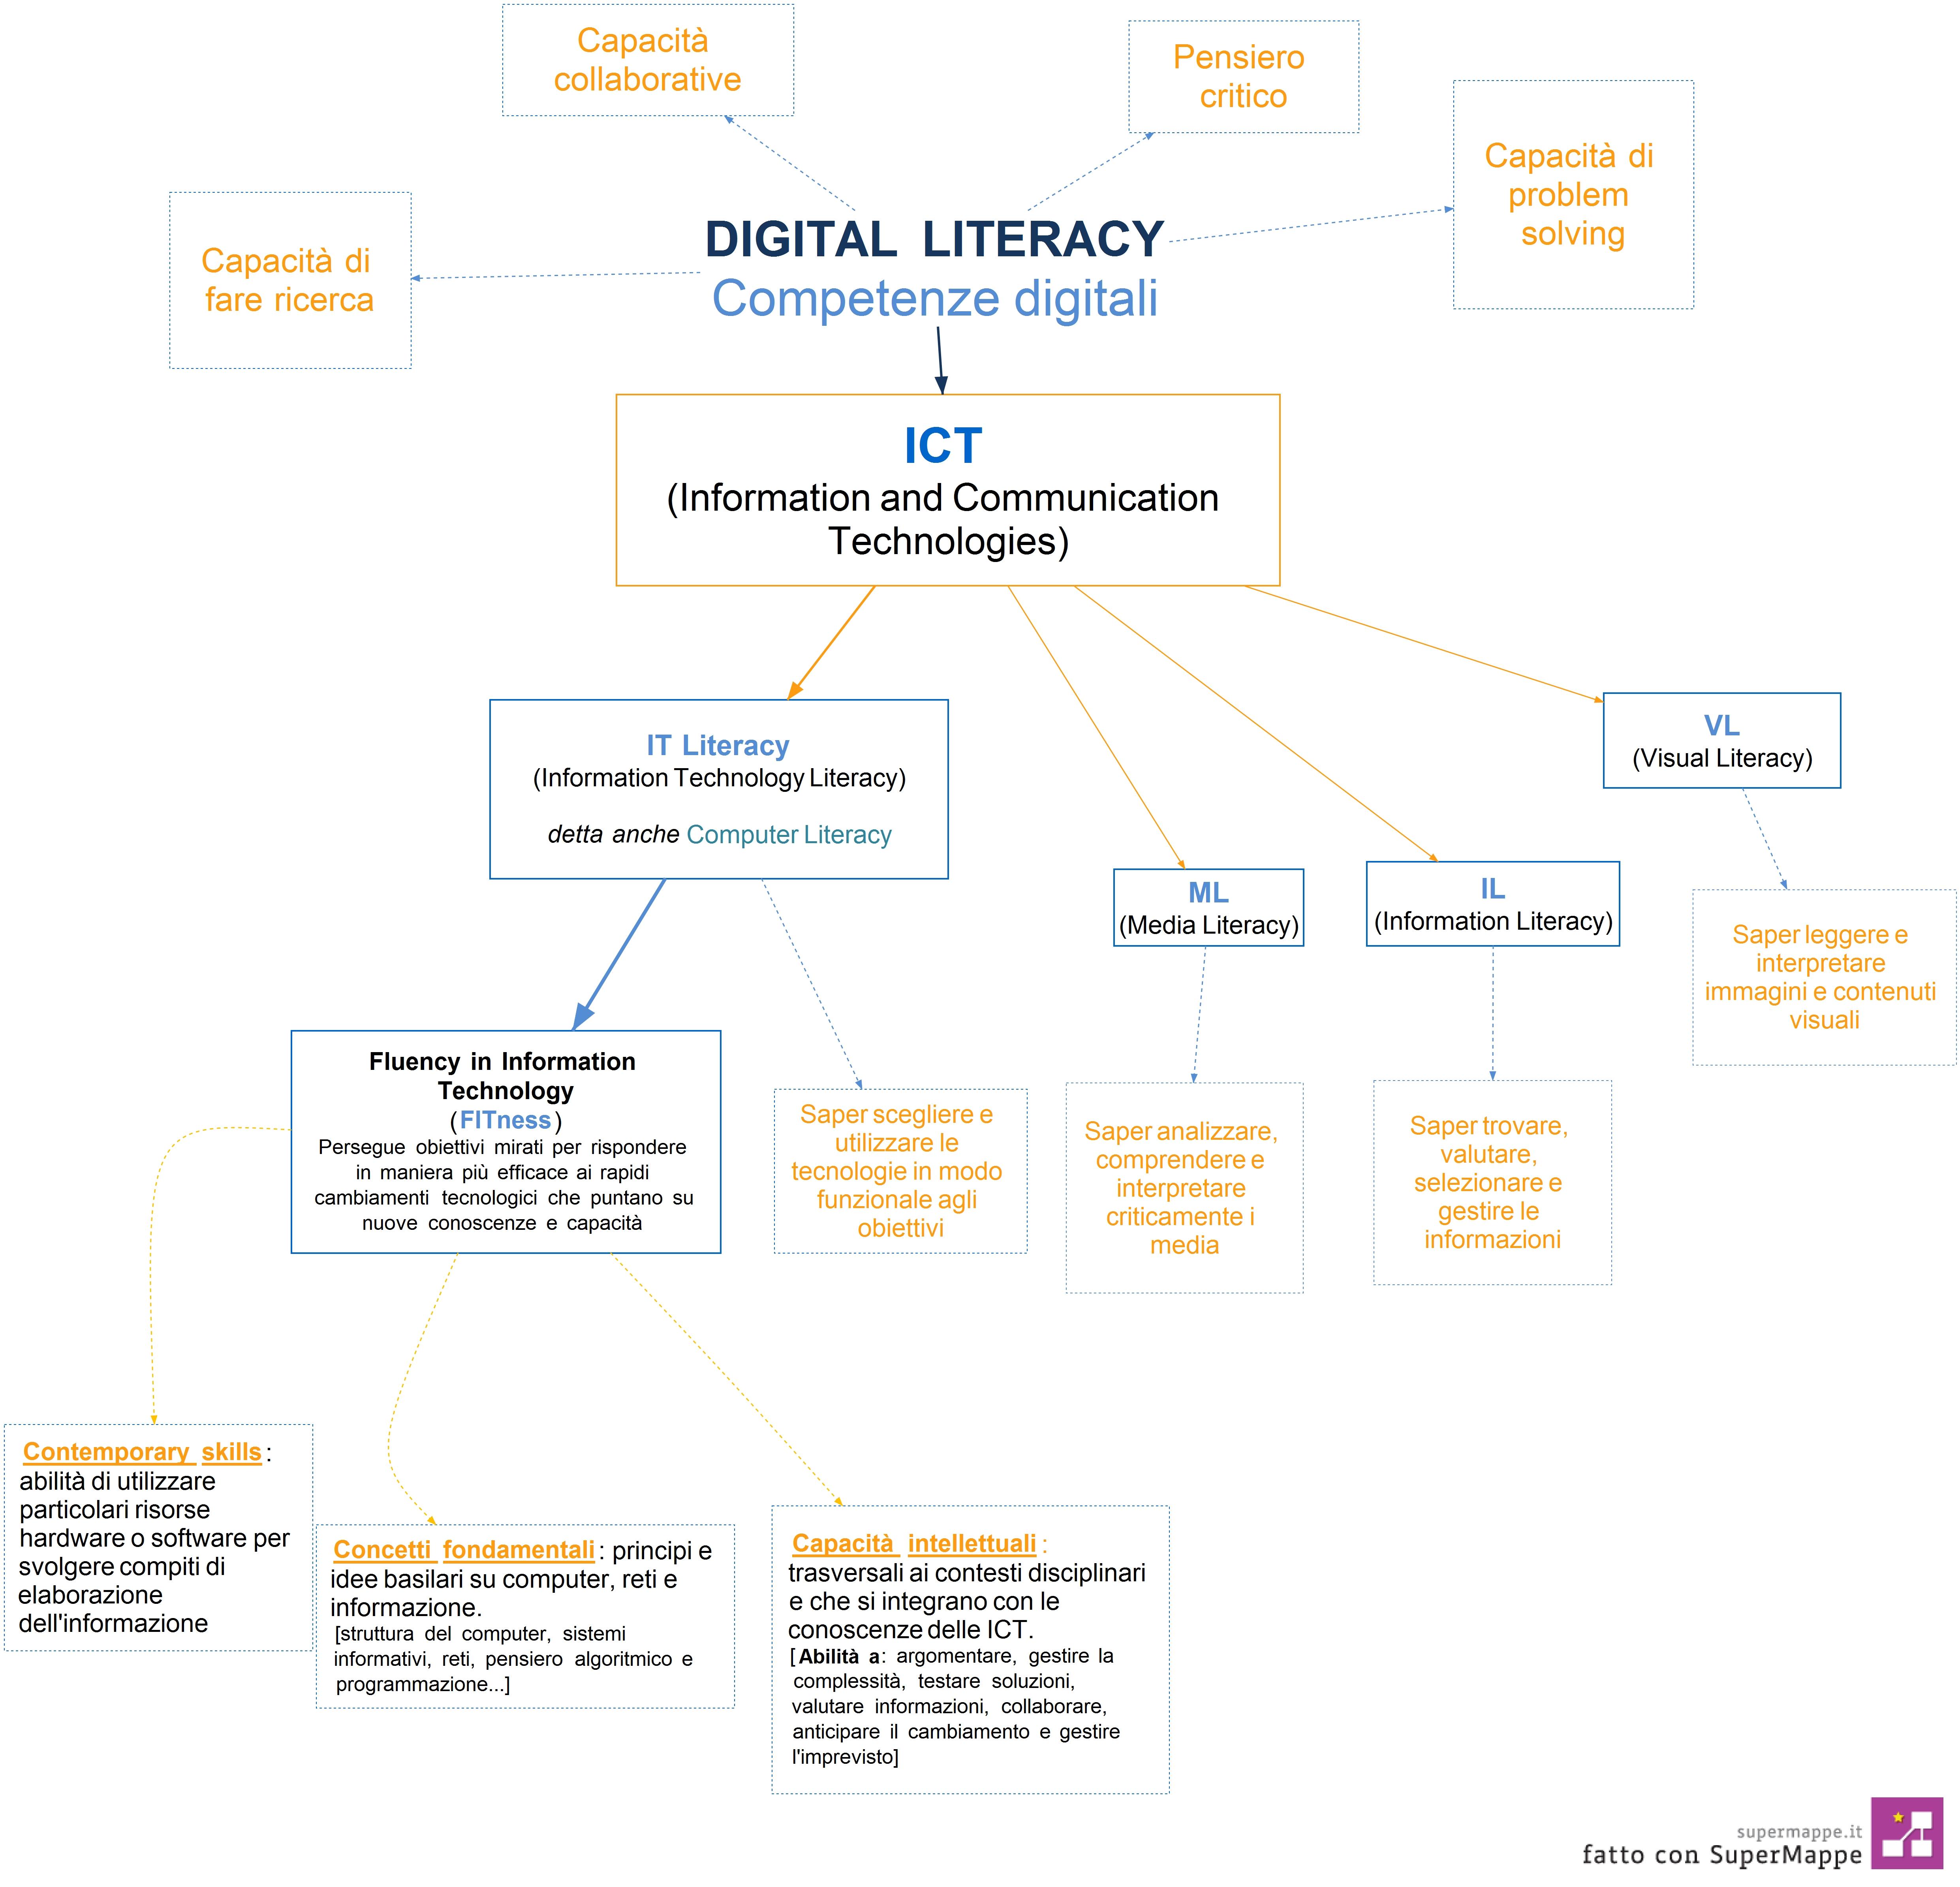 Mappe Concettuali E Scuola Primaria Come Introdurle Nell Uso Quotidiano La Finestra Sull Albero